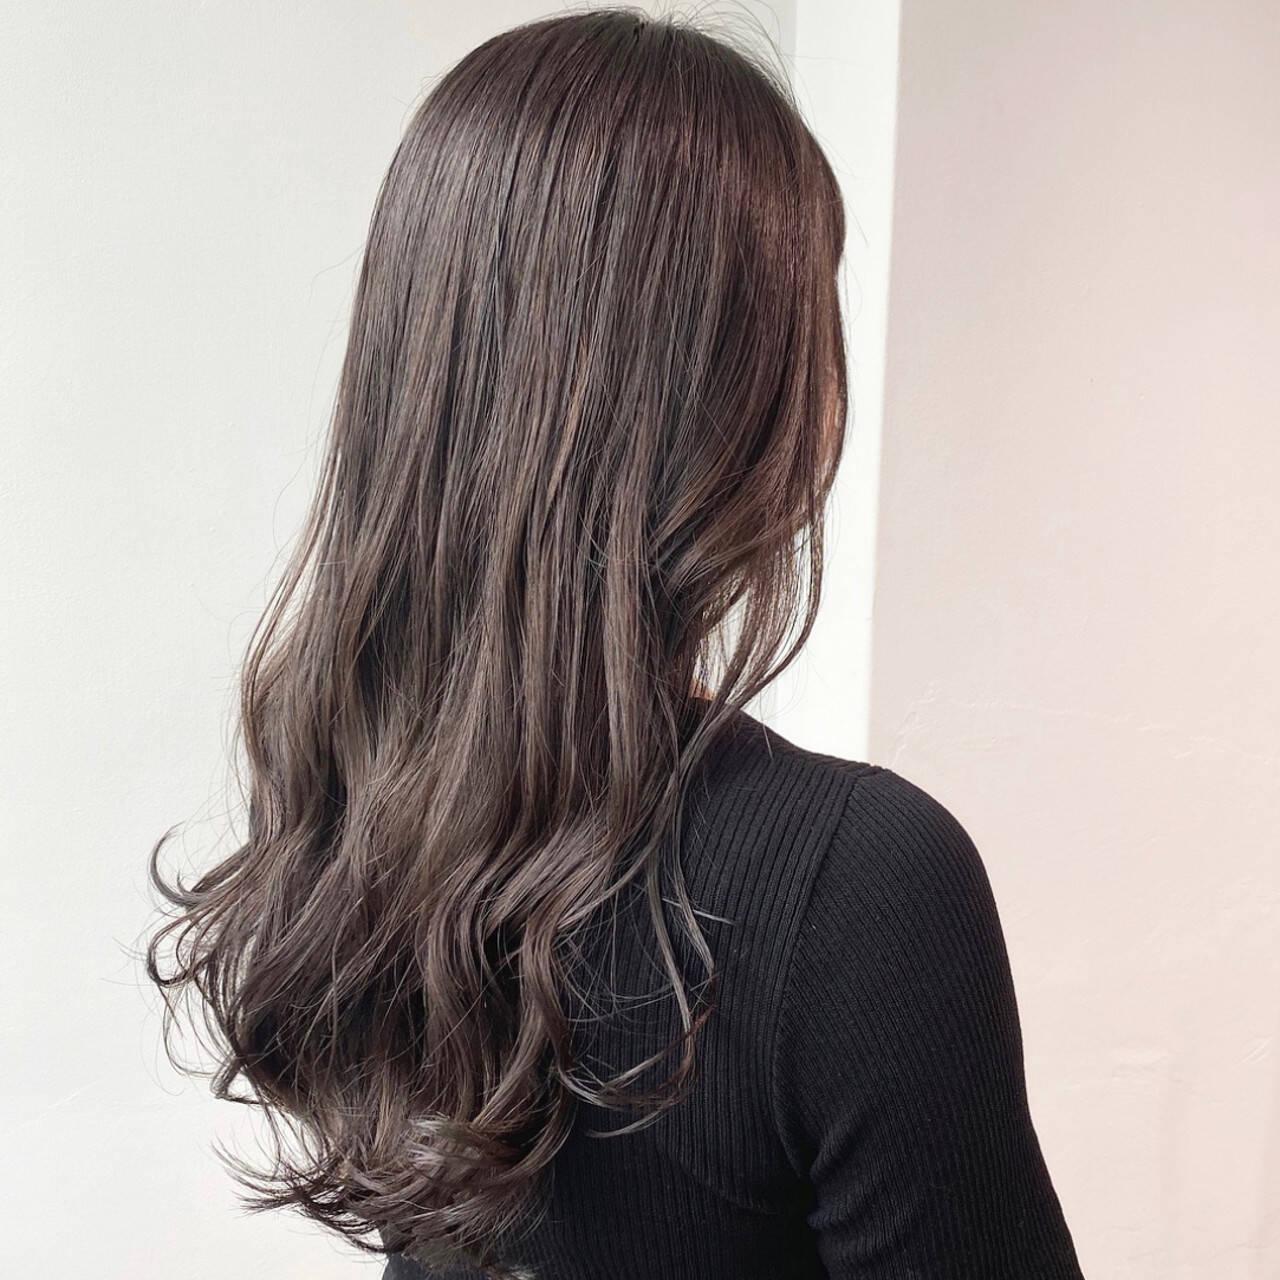 ナチュラル 暗髪 ナチュラルブラウンカラー 初カラーヘアスタイルや髪型の写真・画像